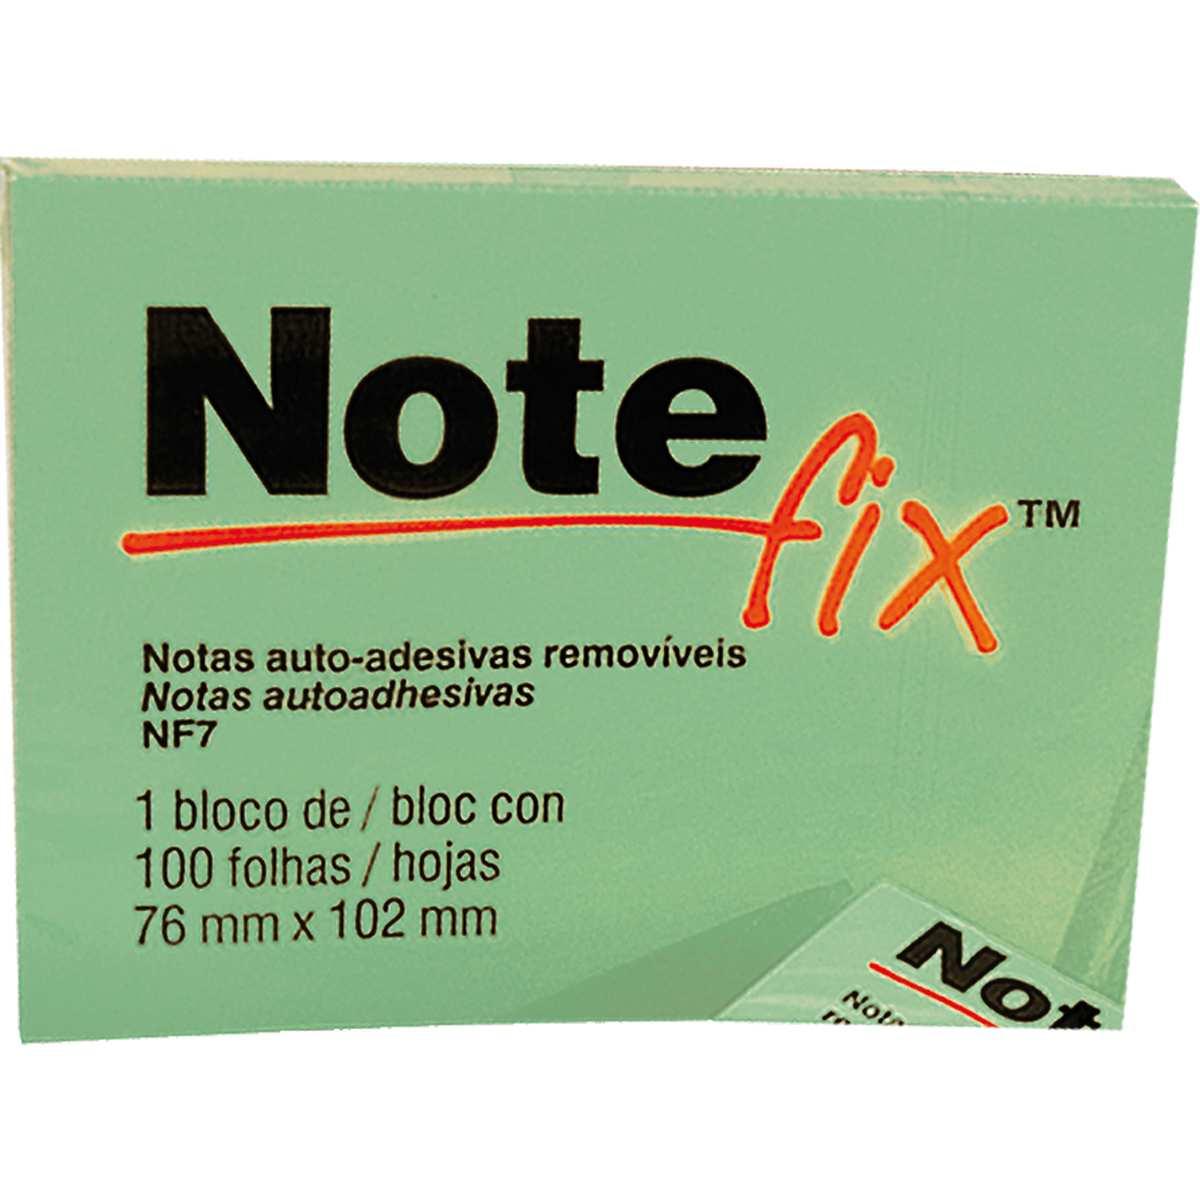 BLOCO RECADO ADESIVO NOTEFIX 76MM X 102MM VERDE